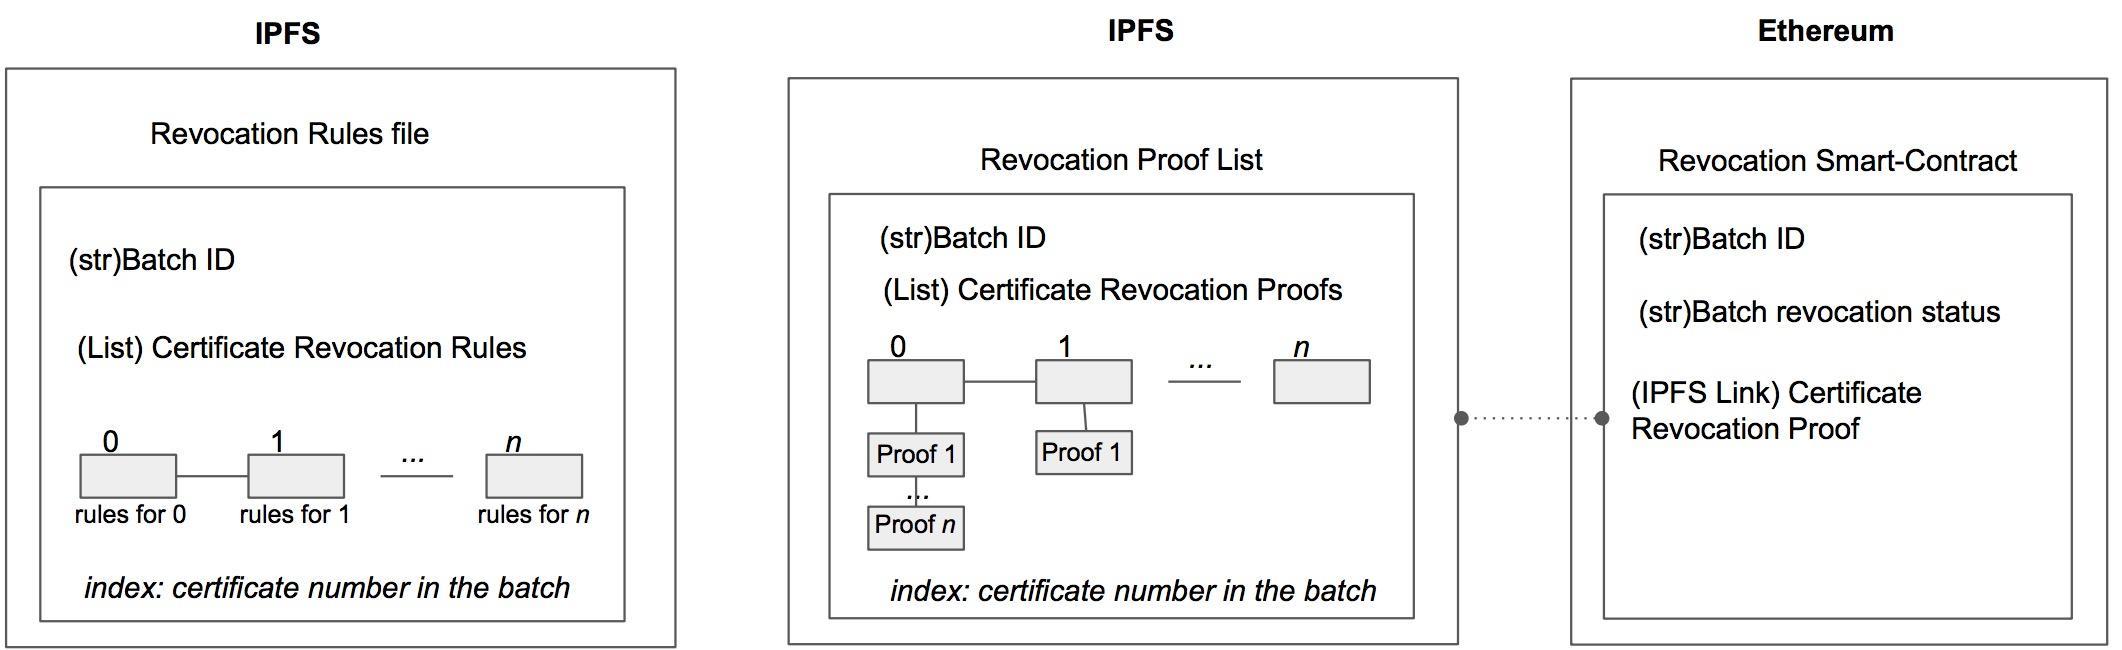 Github Blockchain Certificatesrevocation